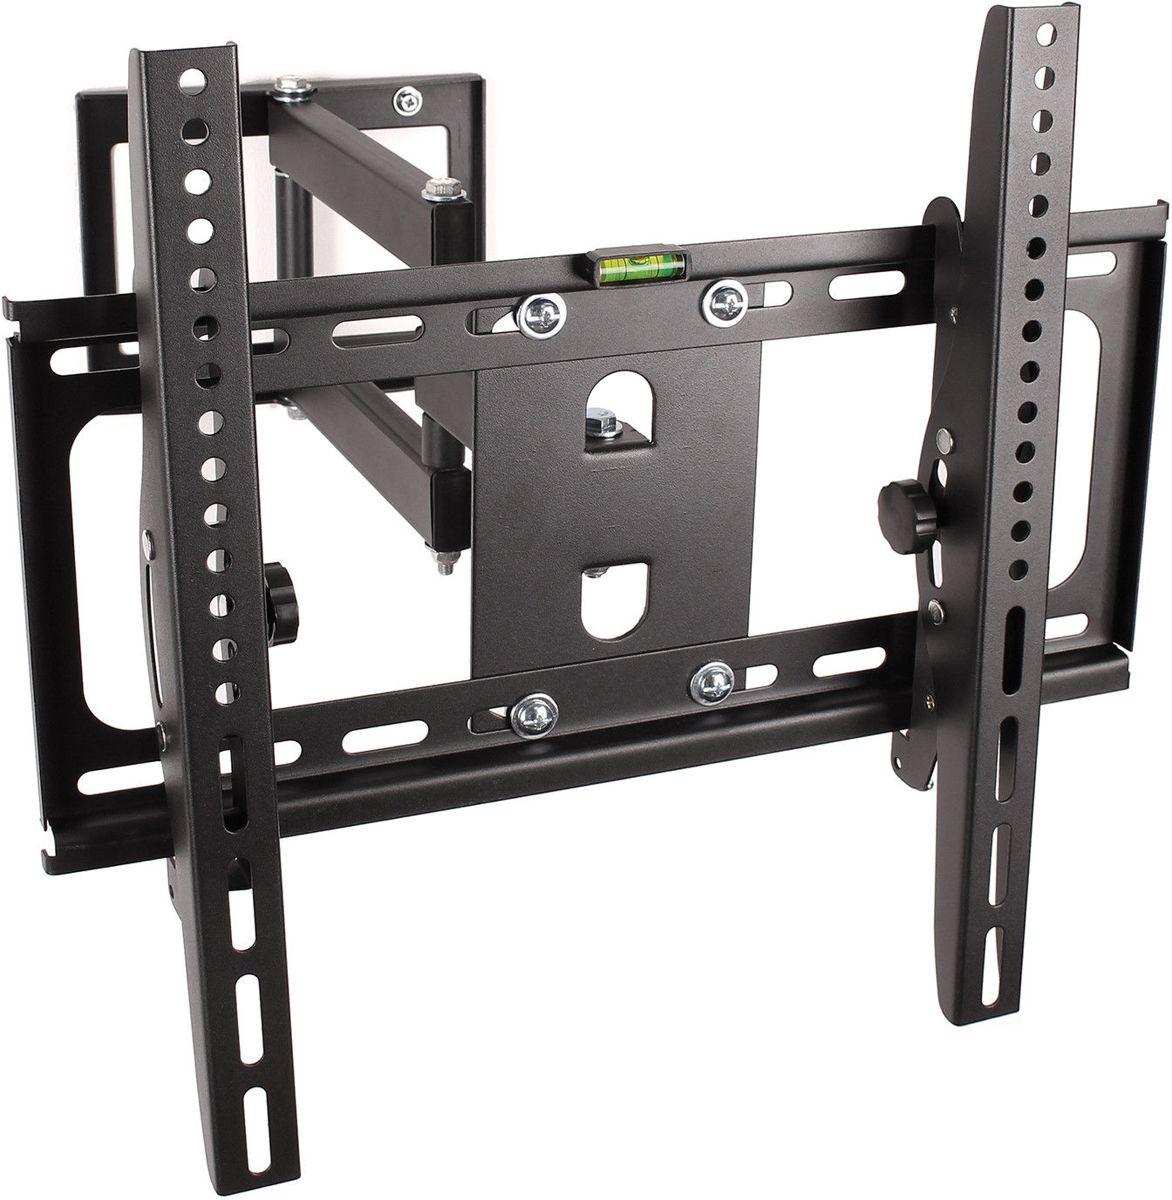 TV steun voor tv's van 26-55 inch, tv beugel, tv standaard, muurbeugel met waterpas